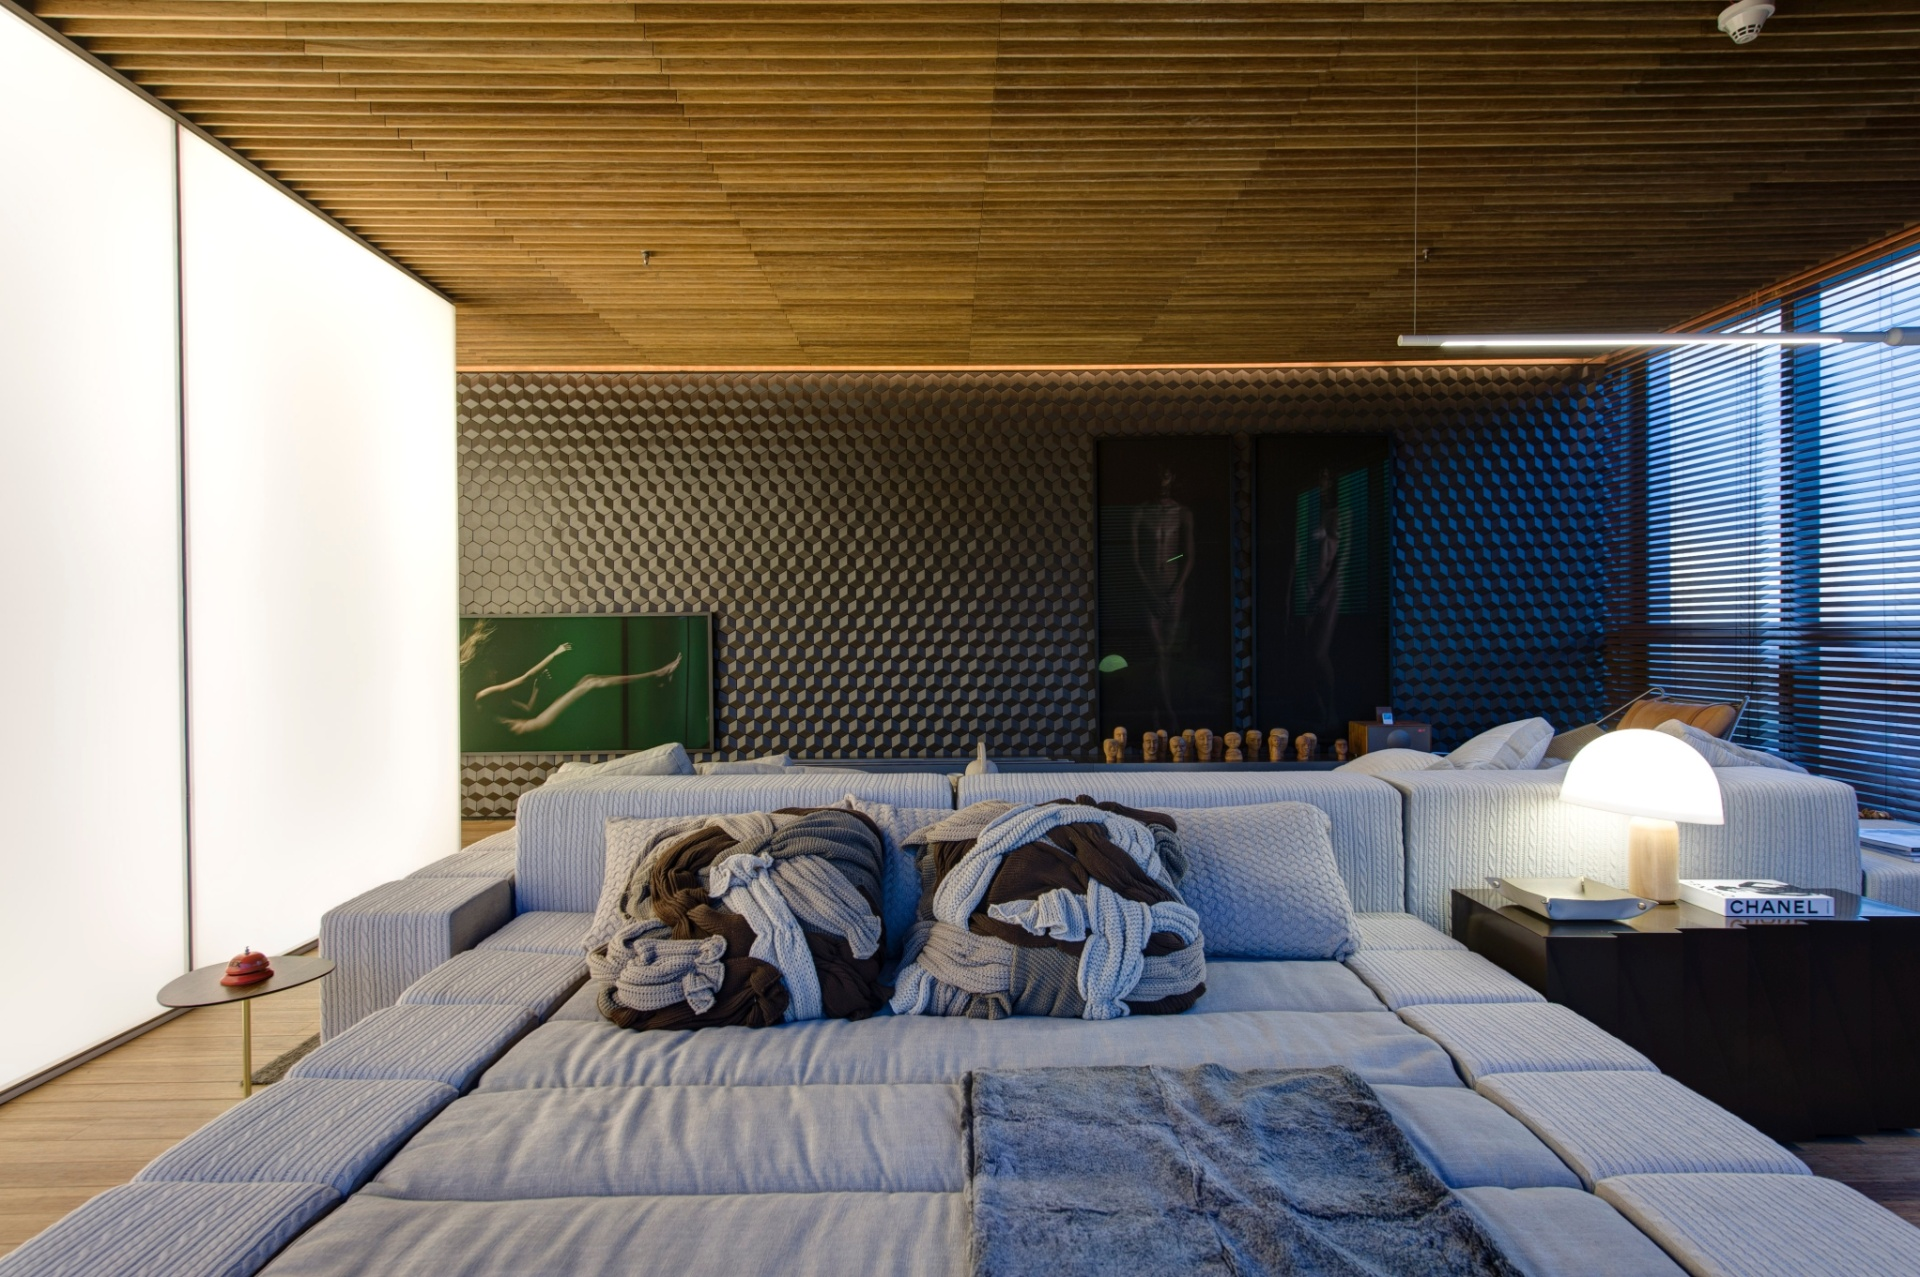 No ambiente Hotel Black, assinado por Guilherme Torres, o teto feito de bambu é combinado à parede com  revestimento de efeito tridimensional. A cama (à frente) foi desenvolvida pelo escritório do arquiteto. A 3ª Mostra Black fica aberta à visitação até dia 9 de julho de 2013, nos cinco últimos andares da torre anexa ao shopping JK Iguatemi, em São Paulo